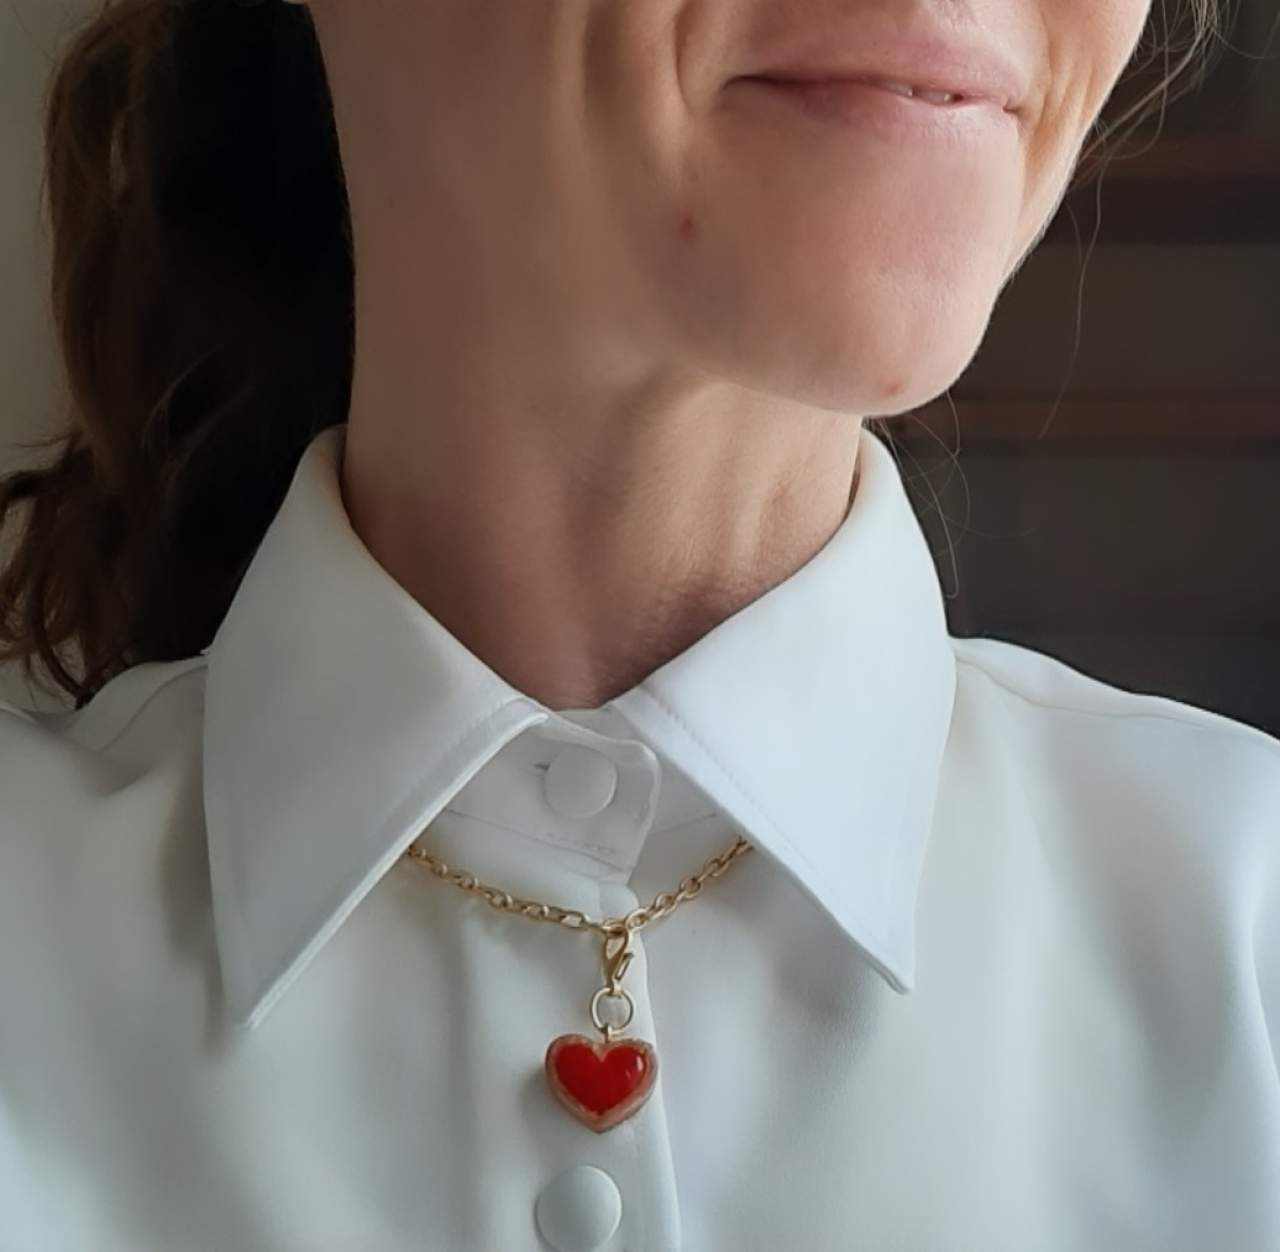 María Fraile: Colección de charms artesanales 2021 en BY EME JOYAS